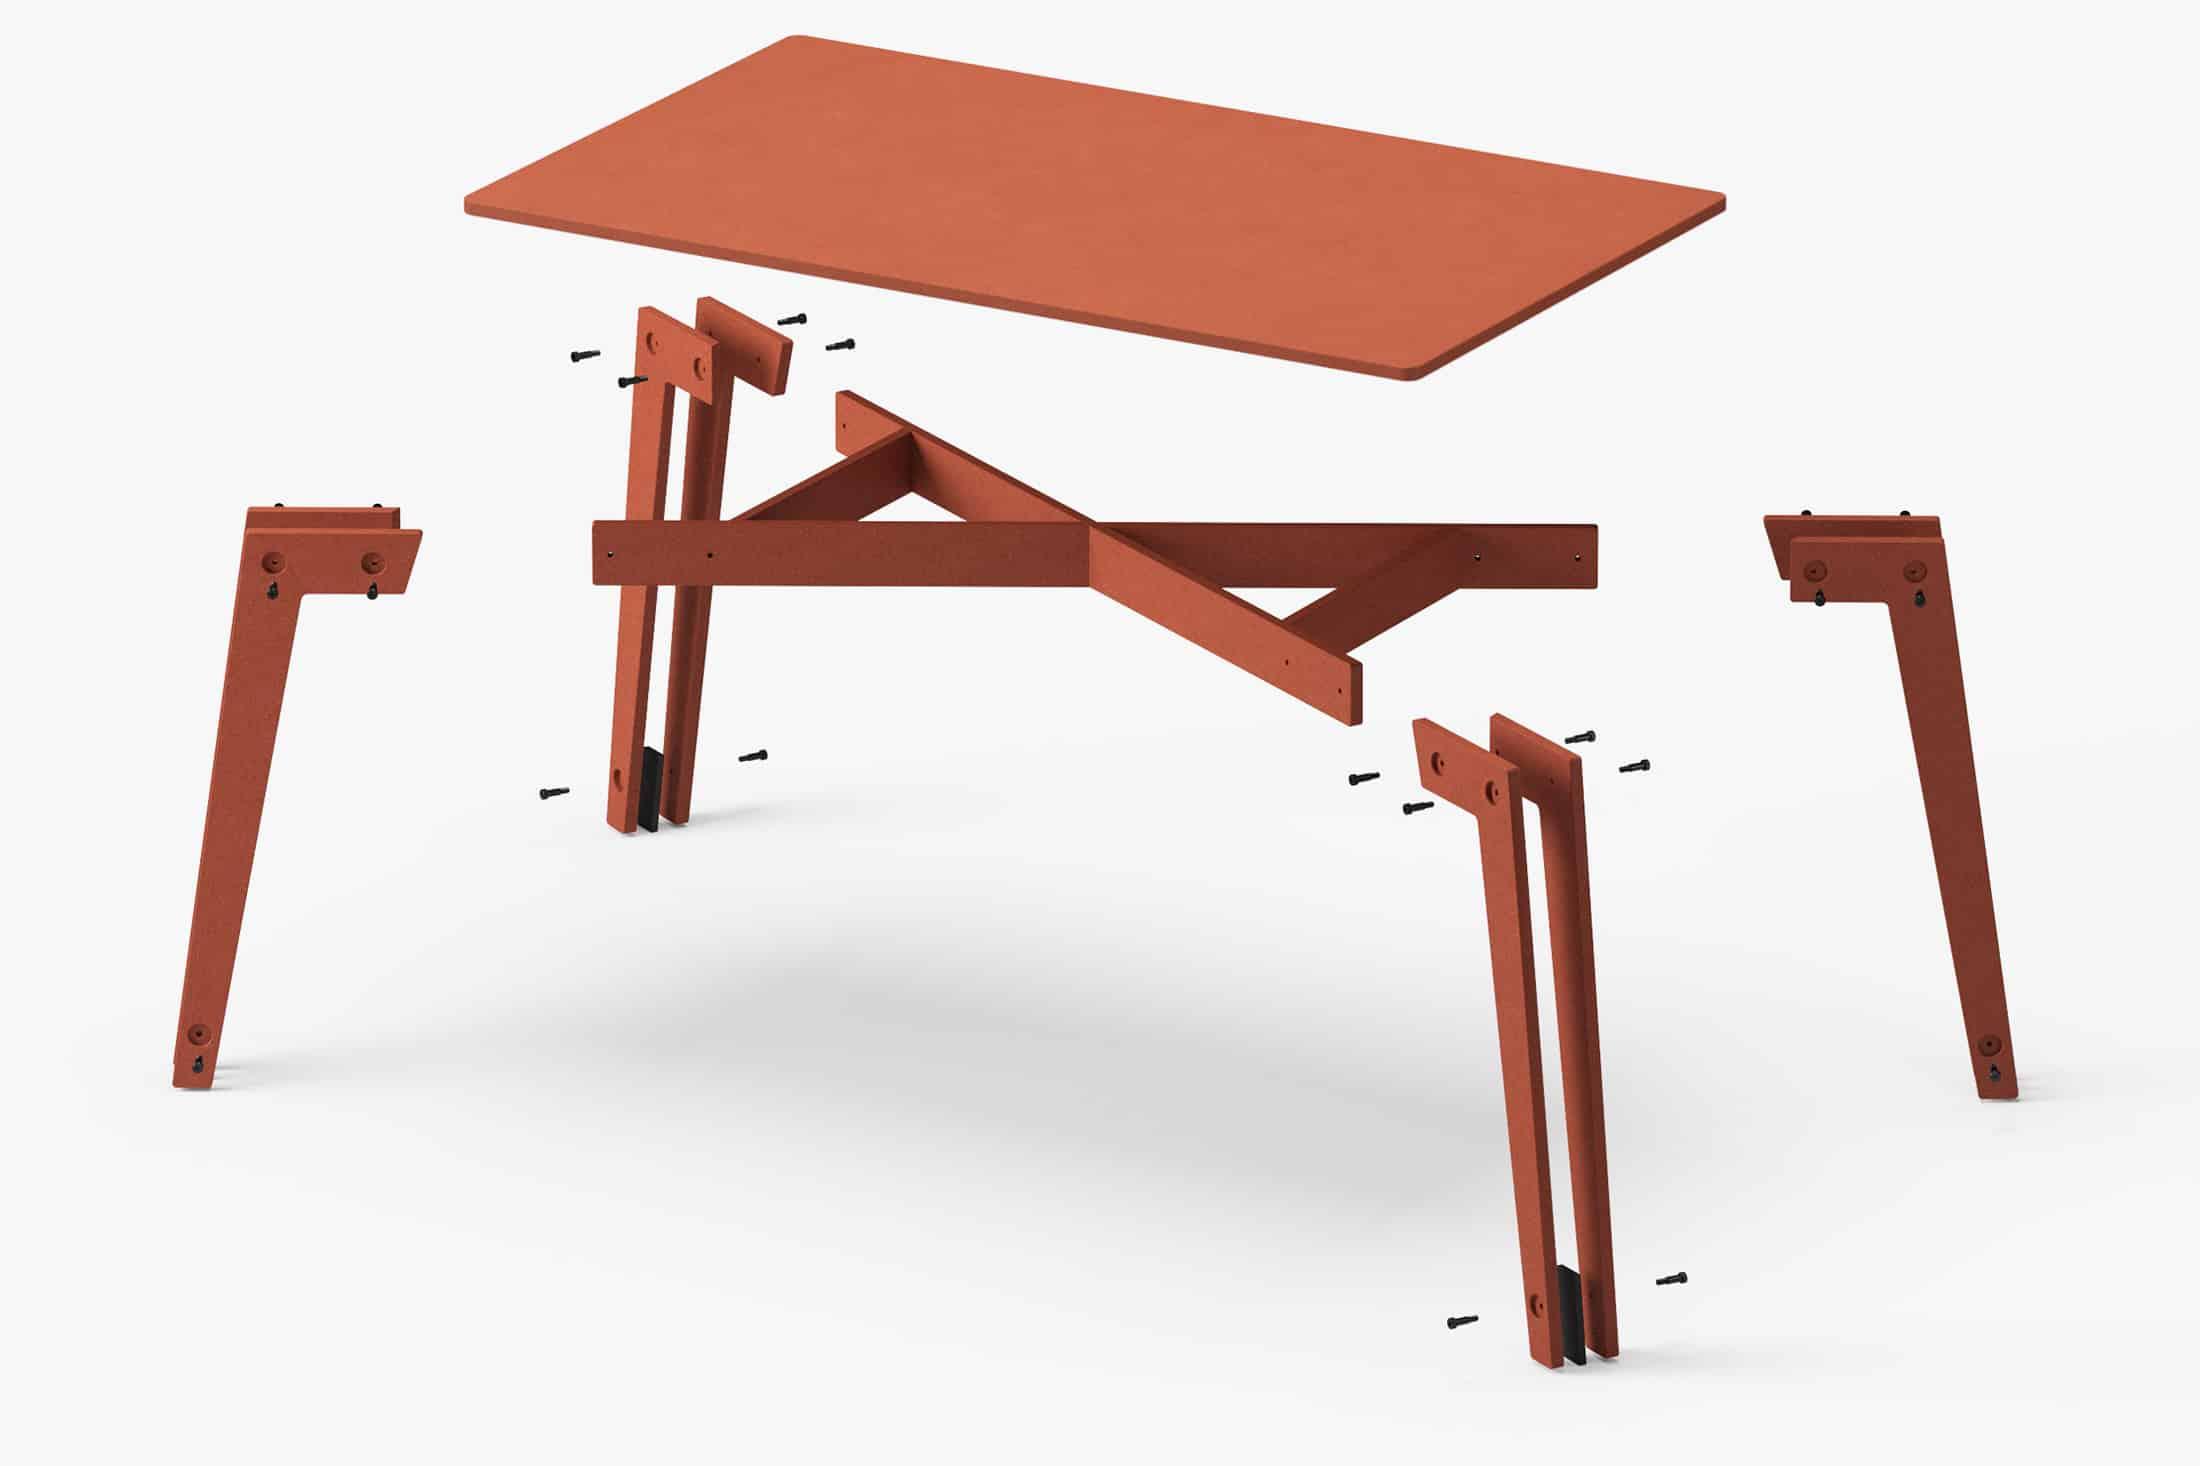 muesiemue universal tisch design jakob hohmann, Explosionsdarstellung aller Einzelteile des Tisches